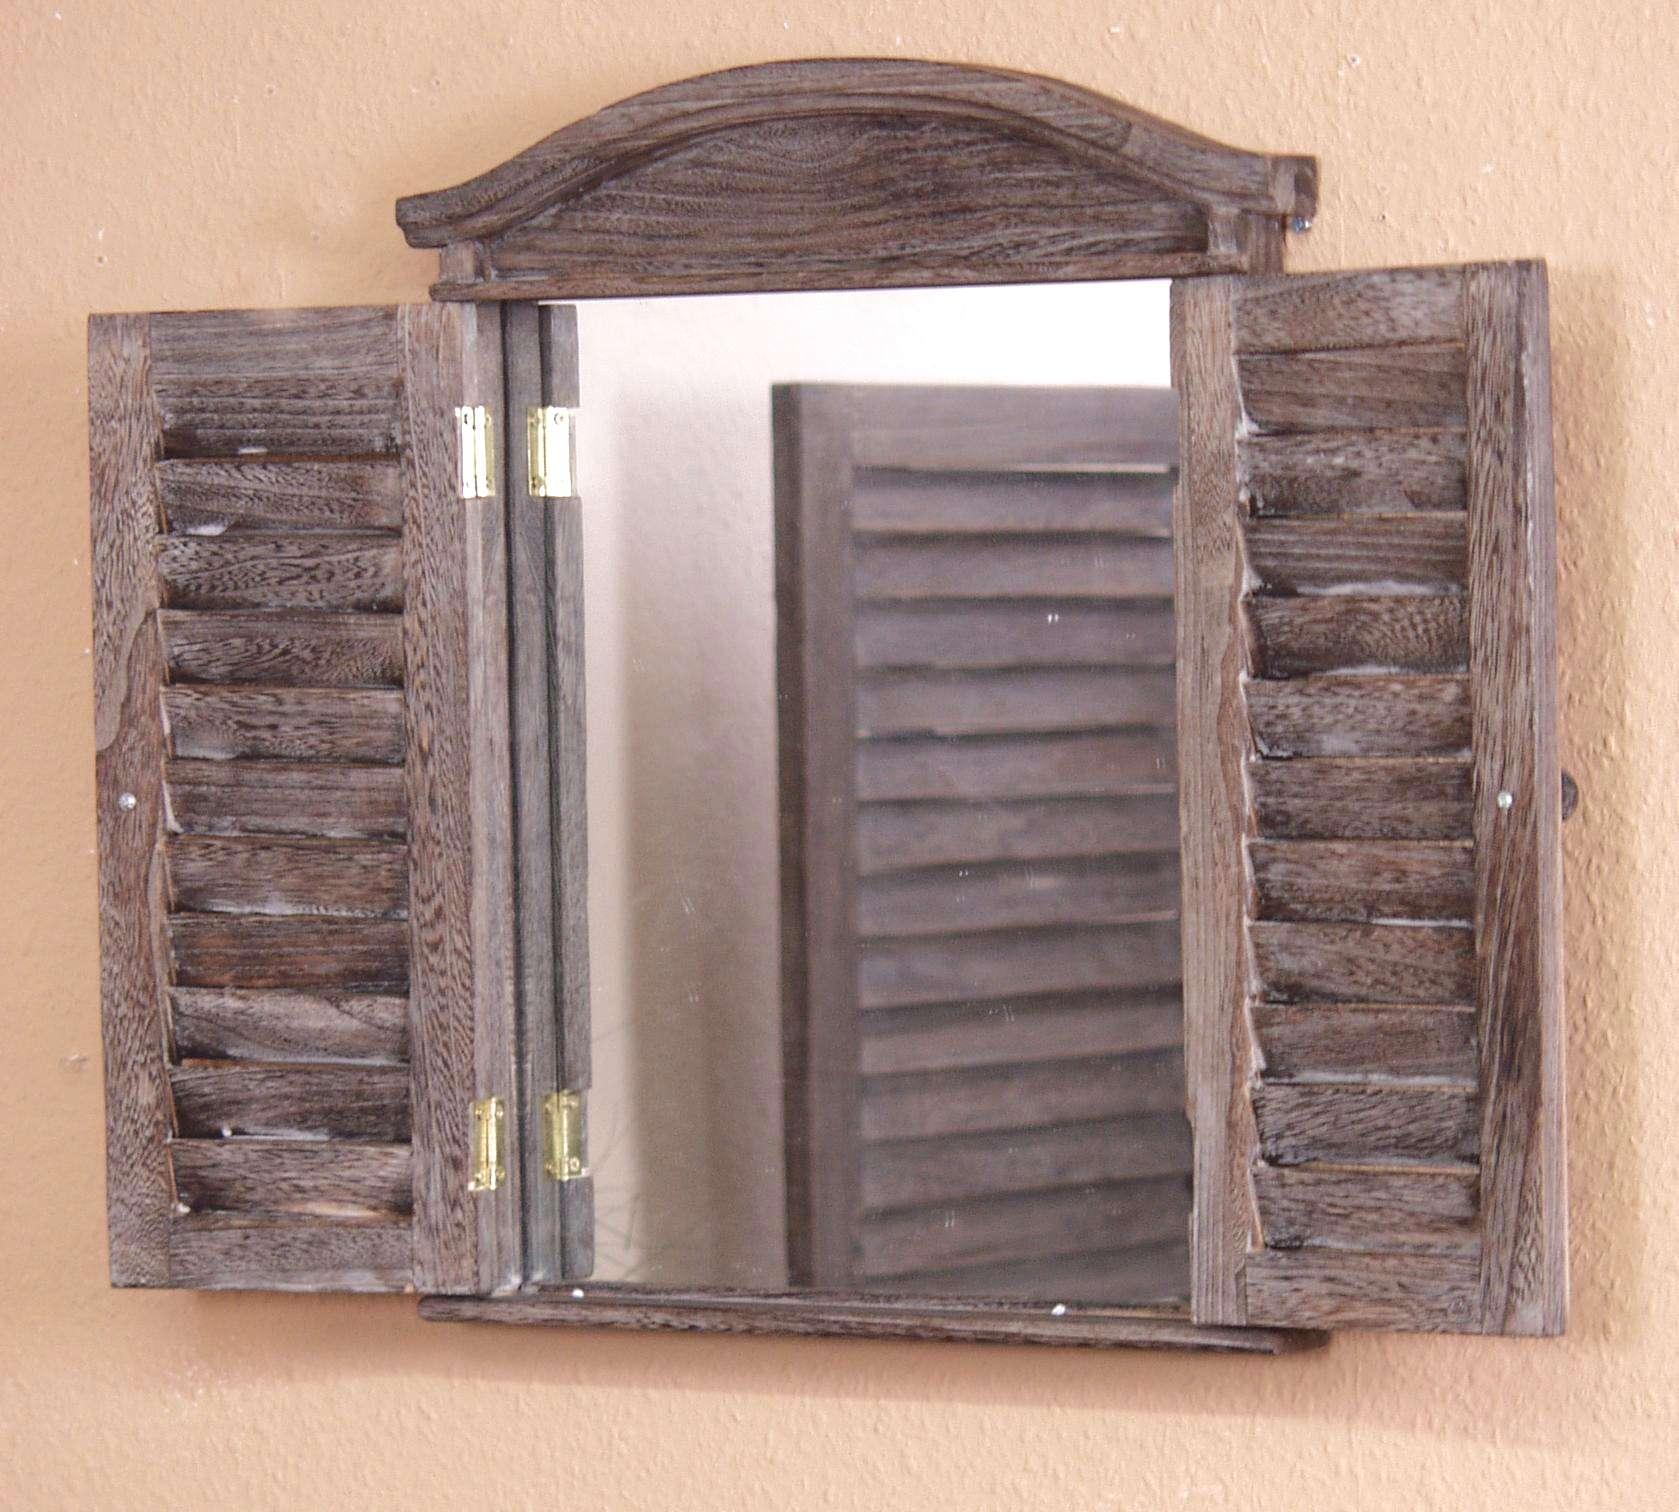 Spiegel wandspiegel interesting spiegel wandspiegel for Espejos aki